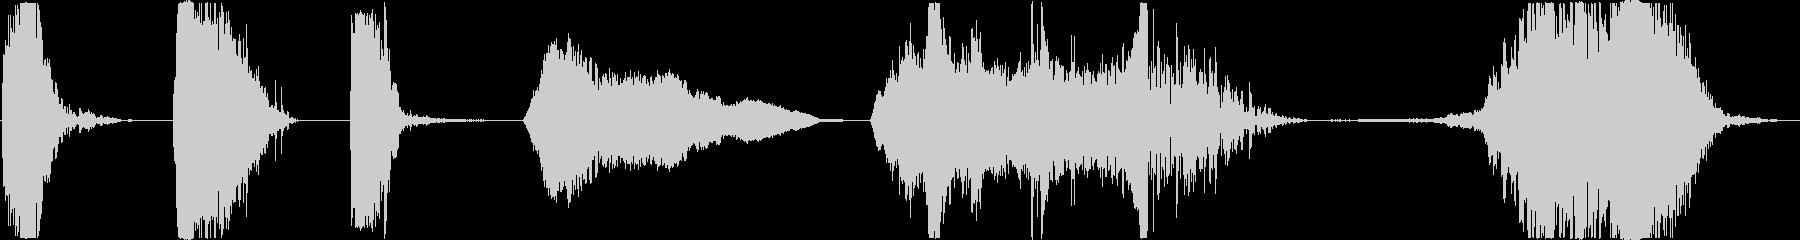 パワフルなフラッシュバックフーシュ...の未再生の波形